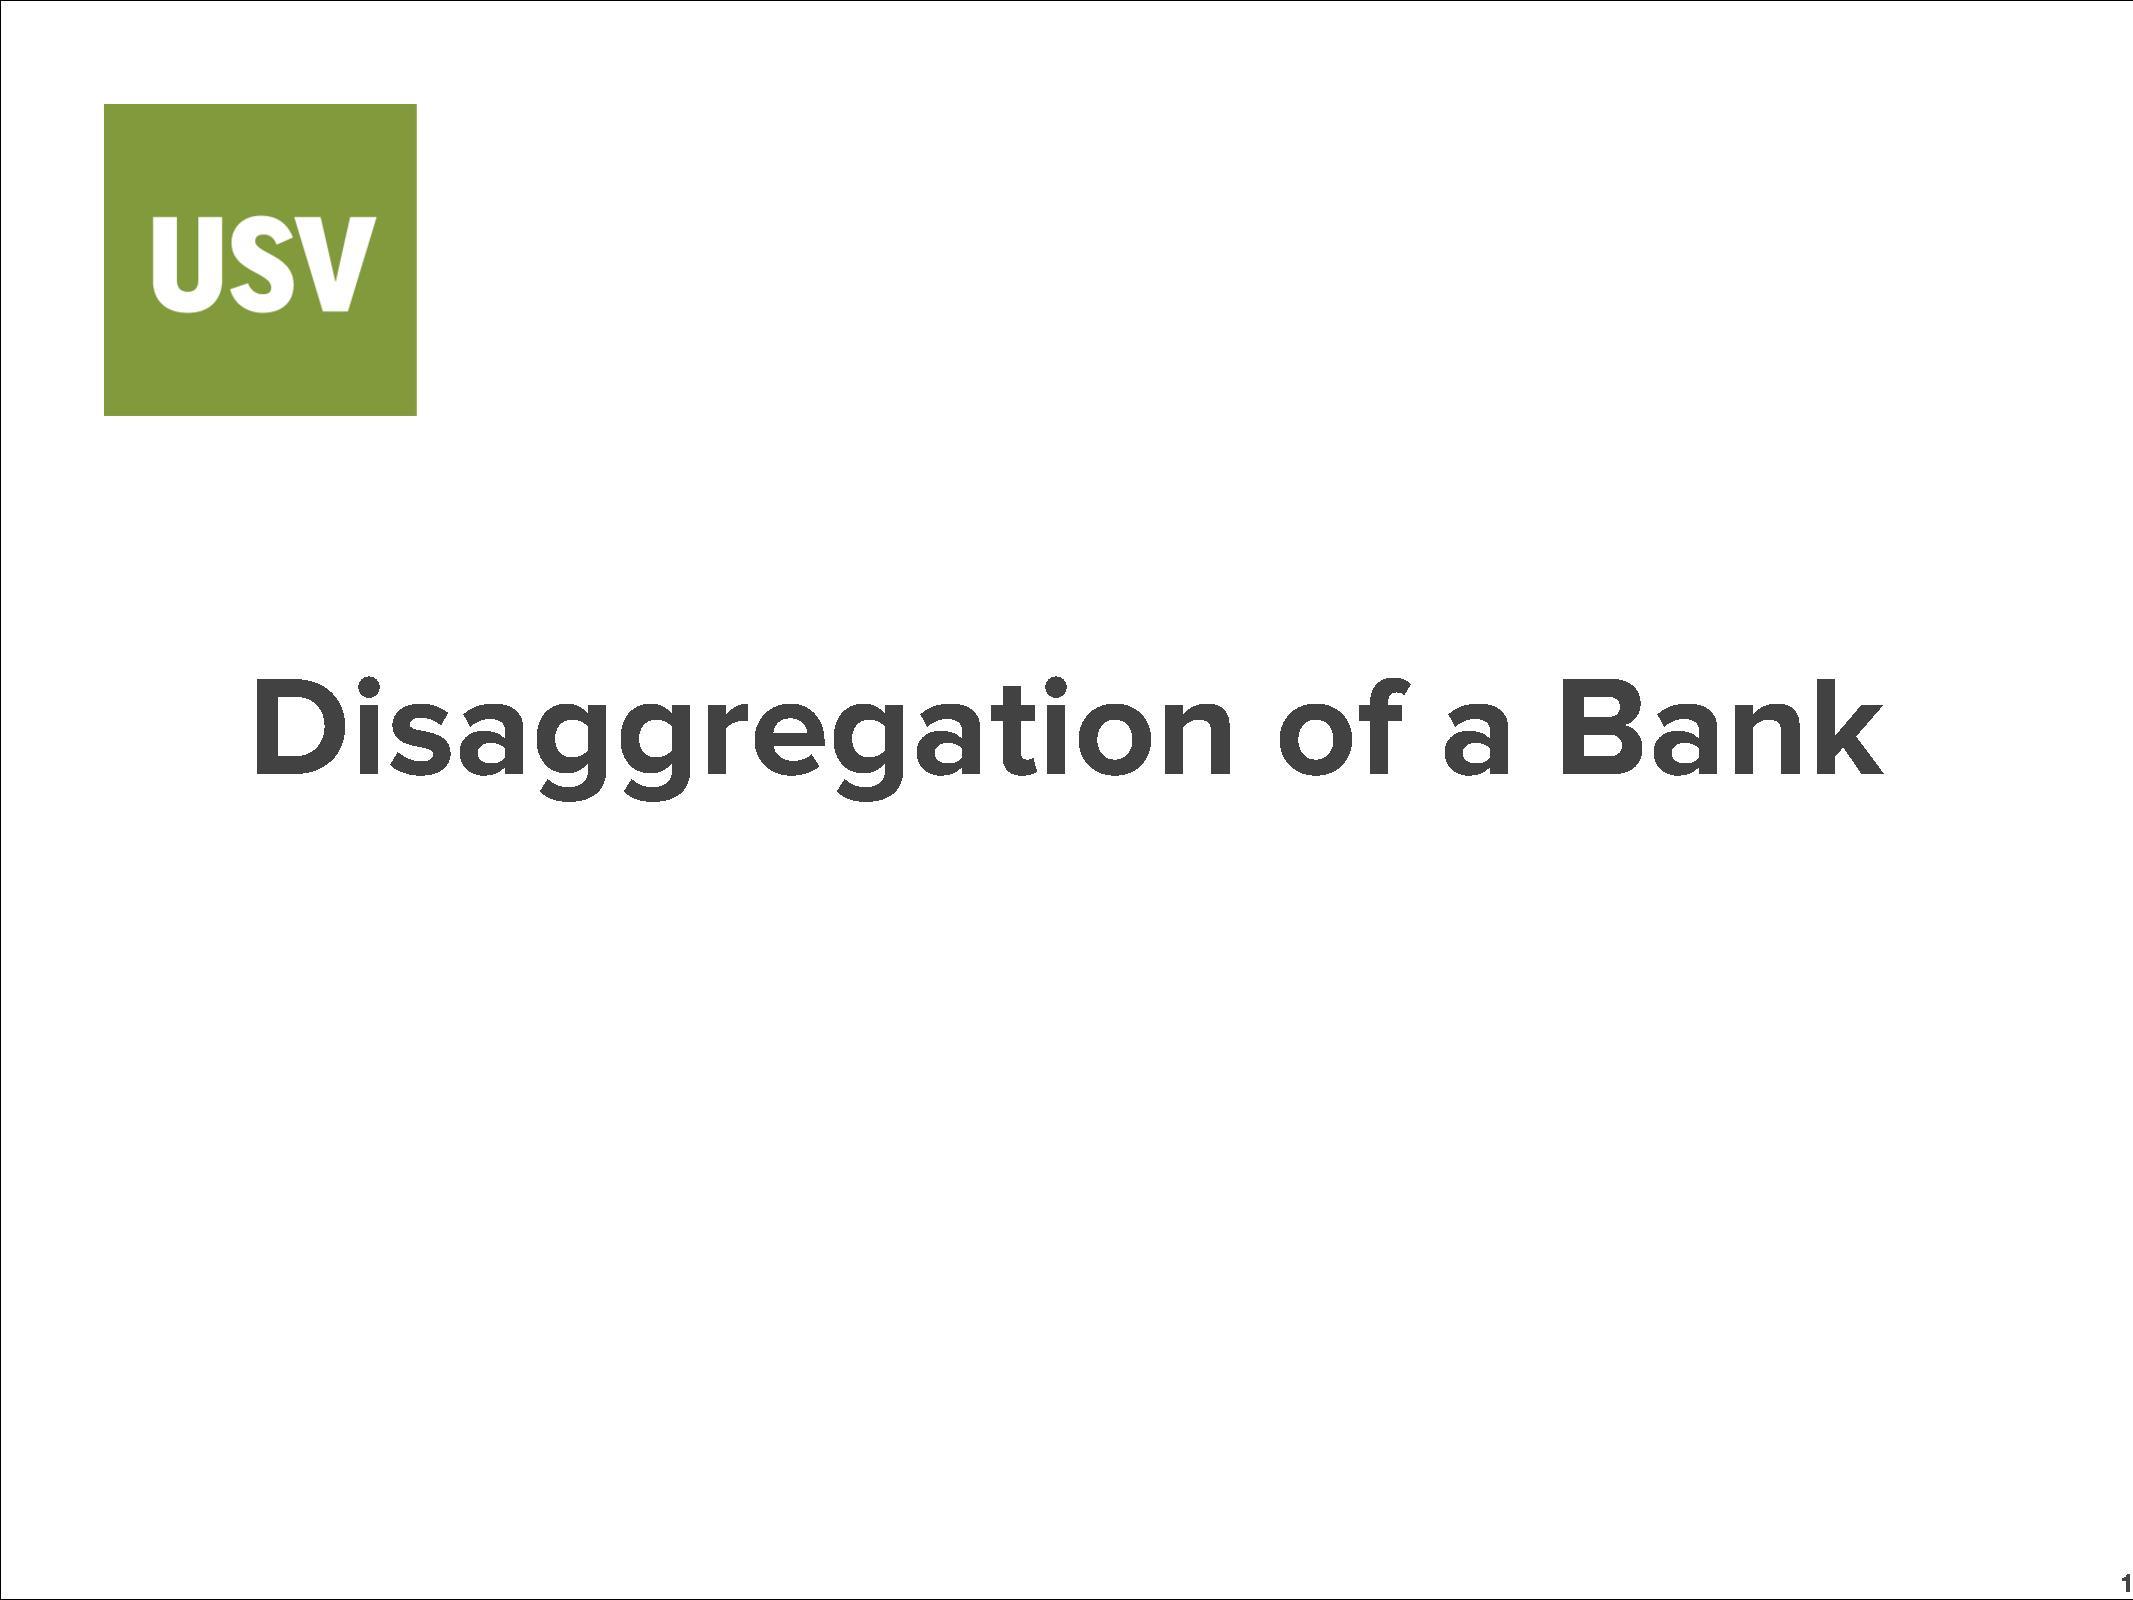 Disaggregation of a Bank v1.pdf